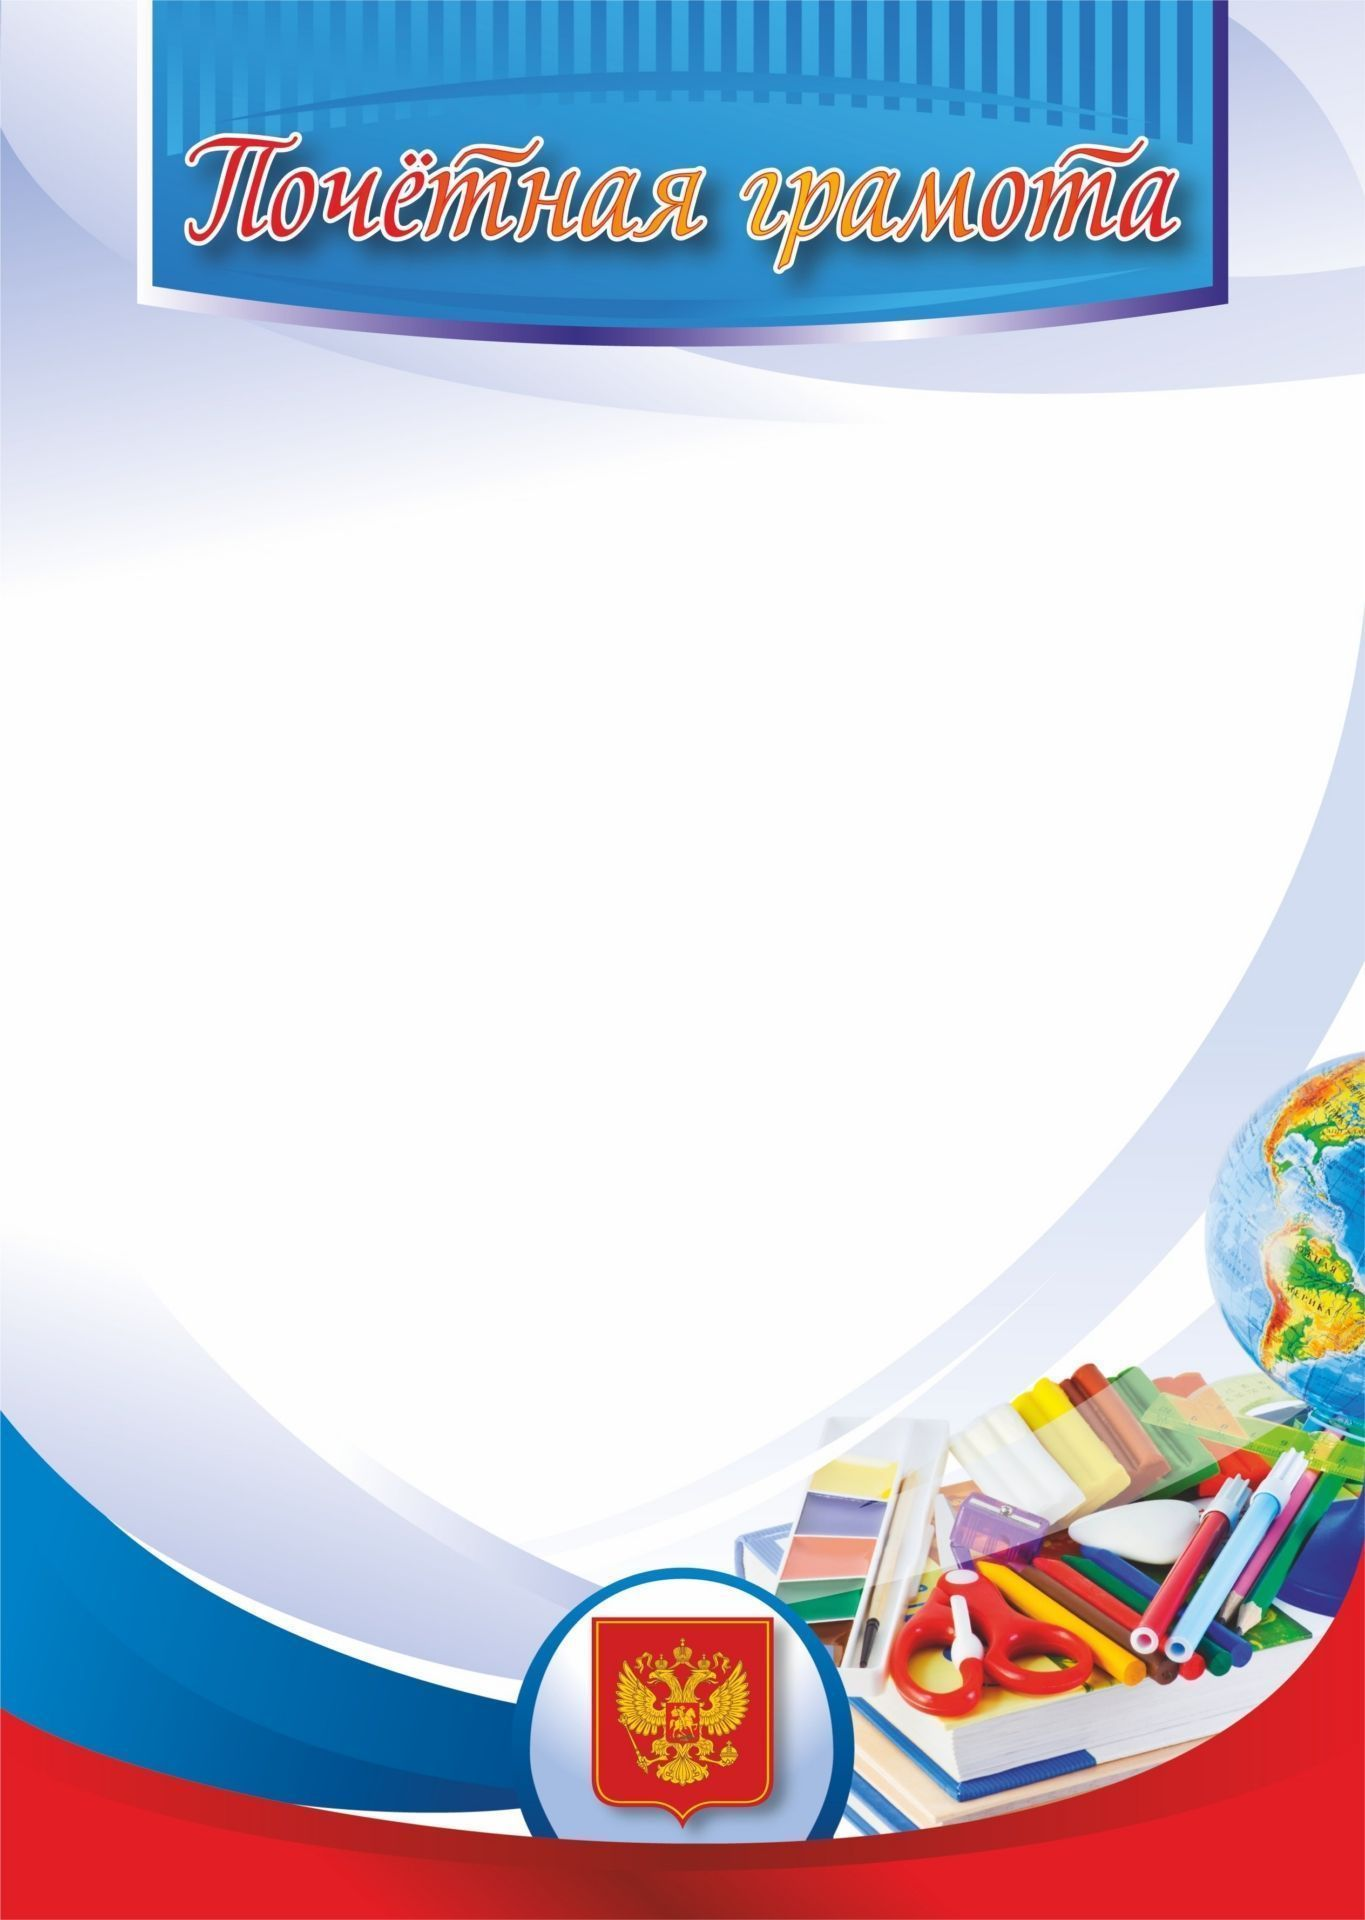 Почётная грамота (с учебной символикой)Общего назначения<br>Материалы:на обложку - бумага мелованная, пл. 250.00.<br><br>Год: 2018<br>Высота: 297<br>Ширина: 210